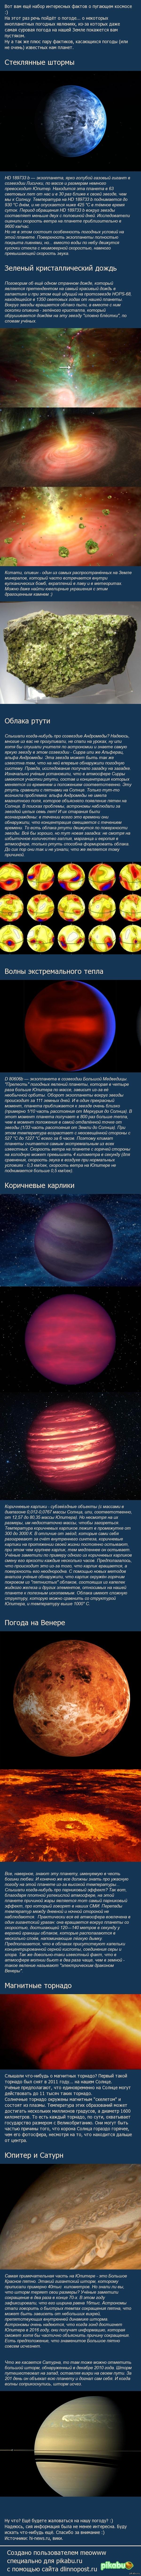 Несколько примеров инопланетной погоды Жалуетесь на нашу погодку? Тогда точно почитайте :)  длиннопост, космос, интересные факты, погода